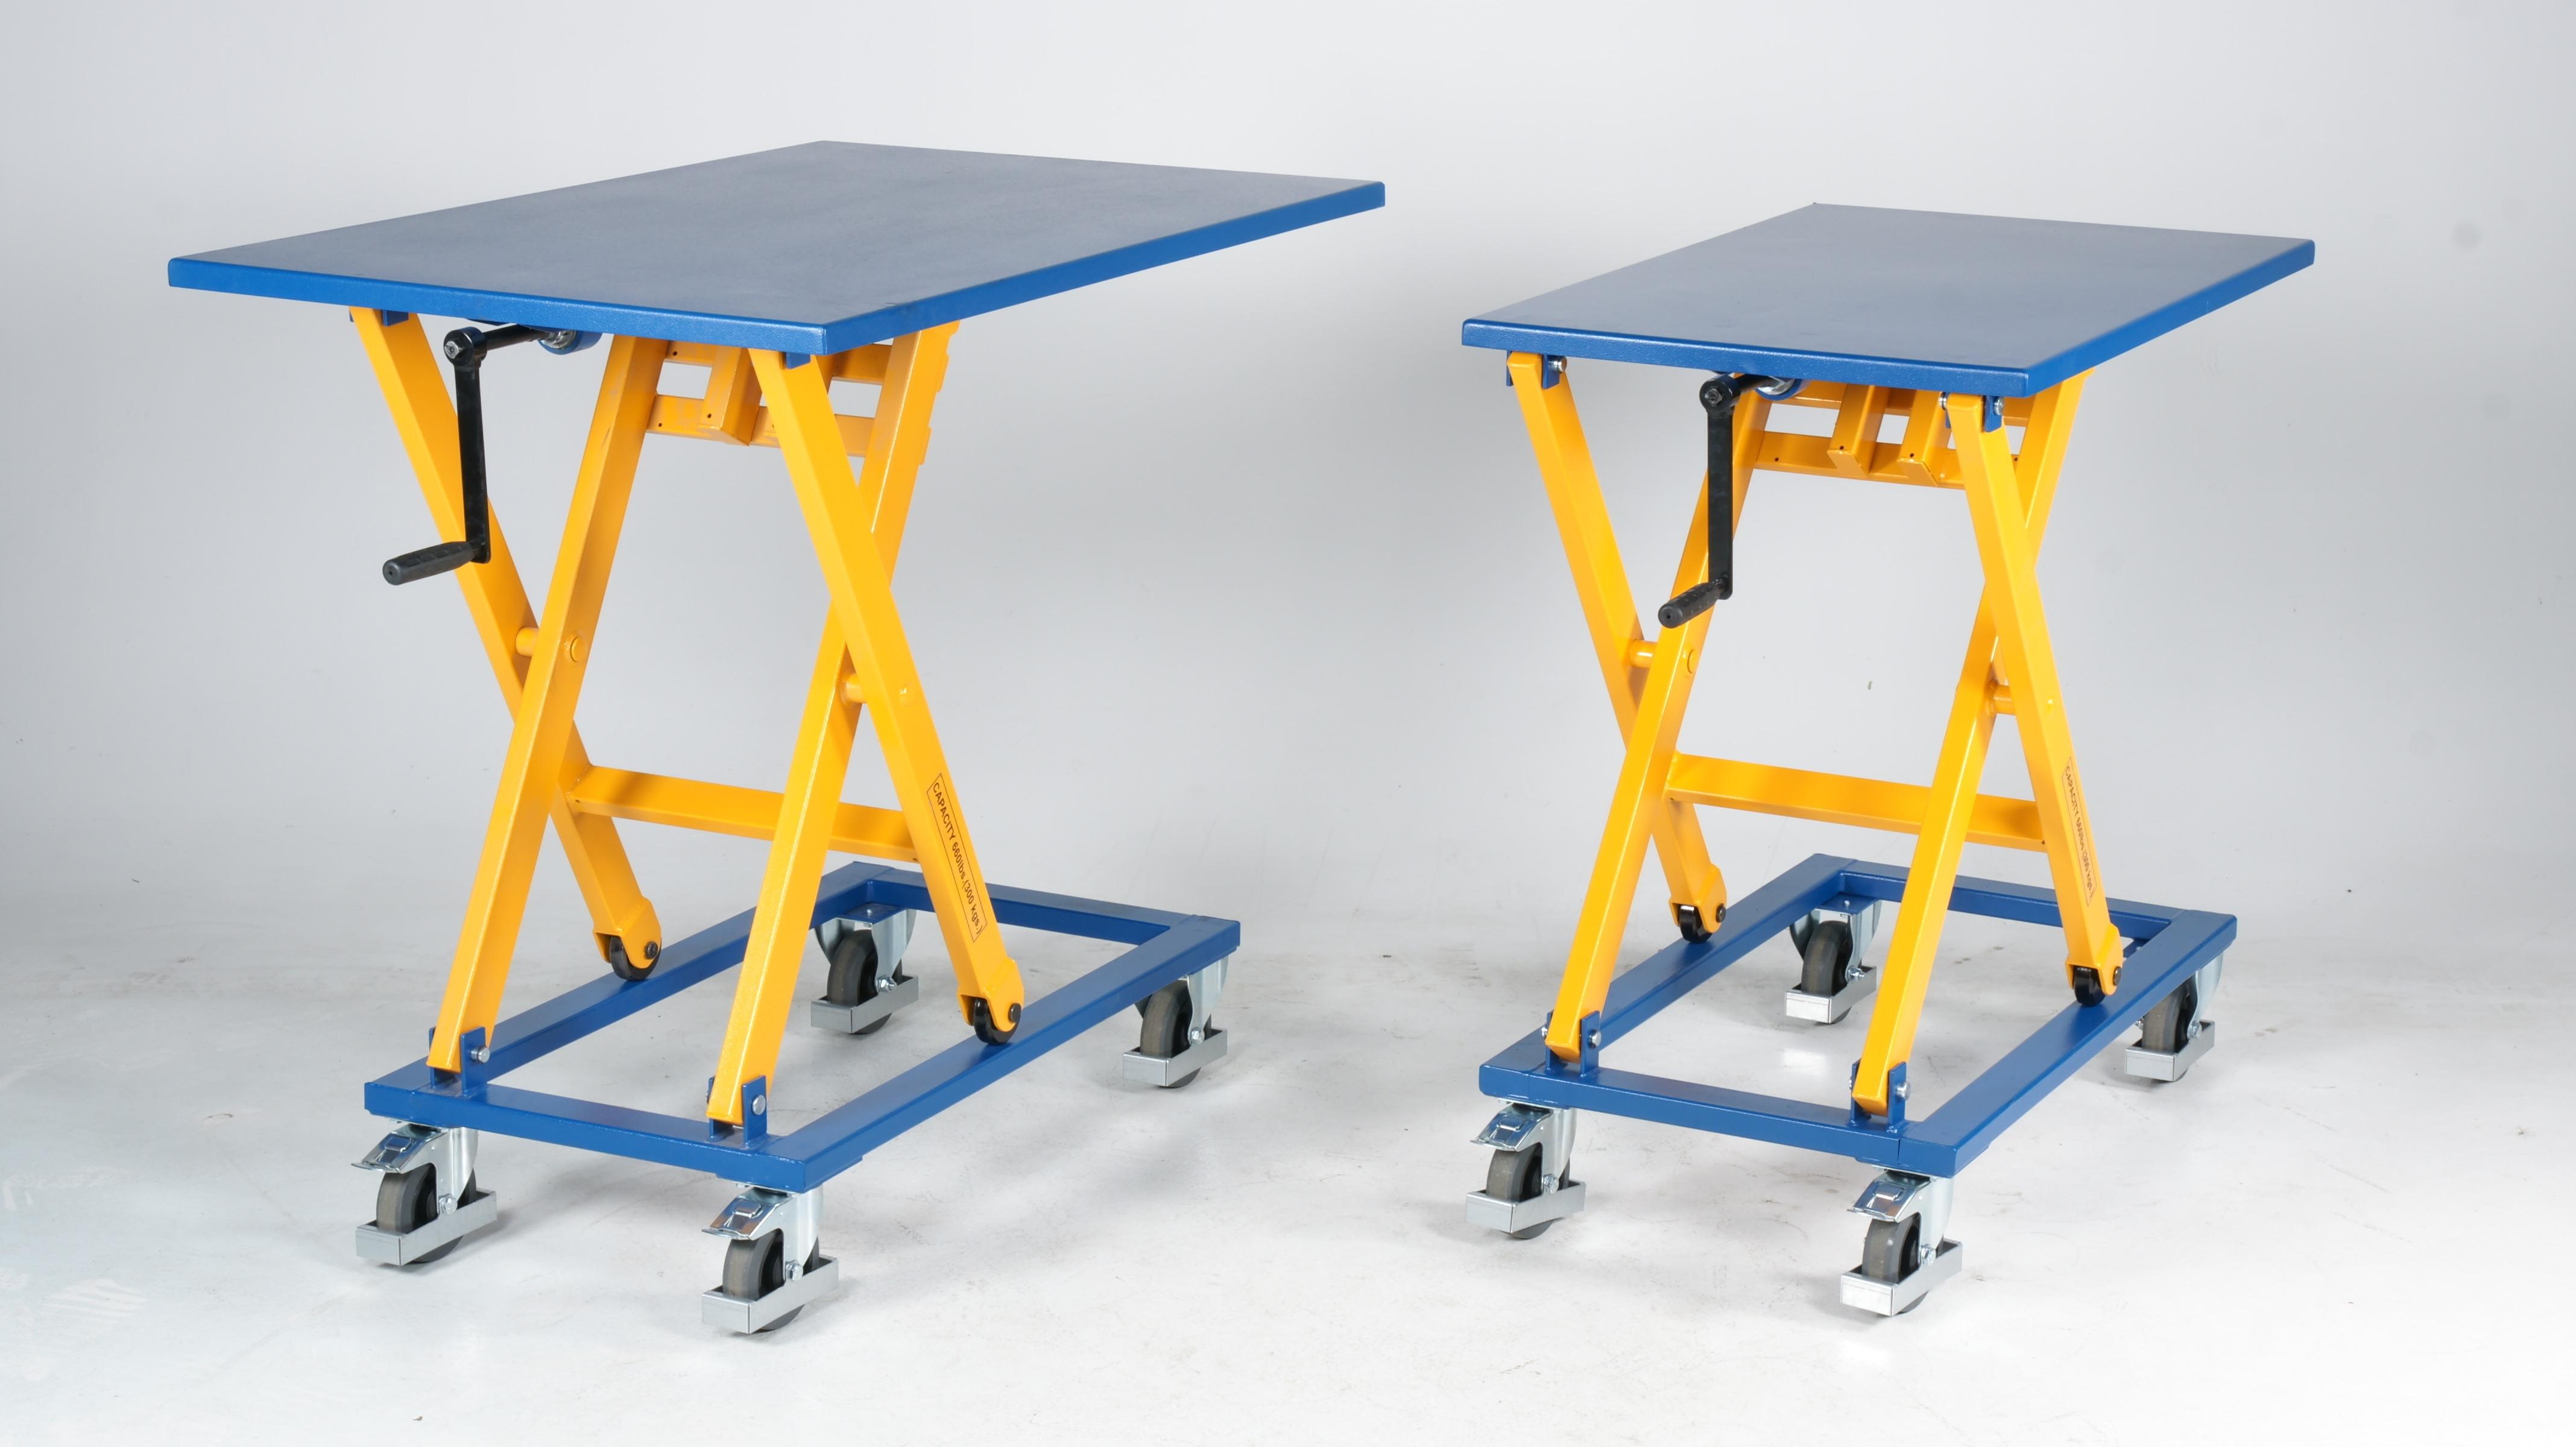 Portabel manual scissor lifting table LB M